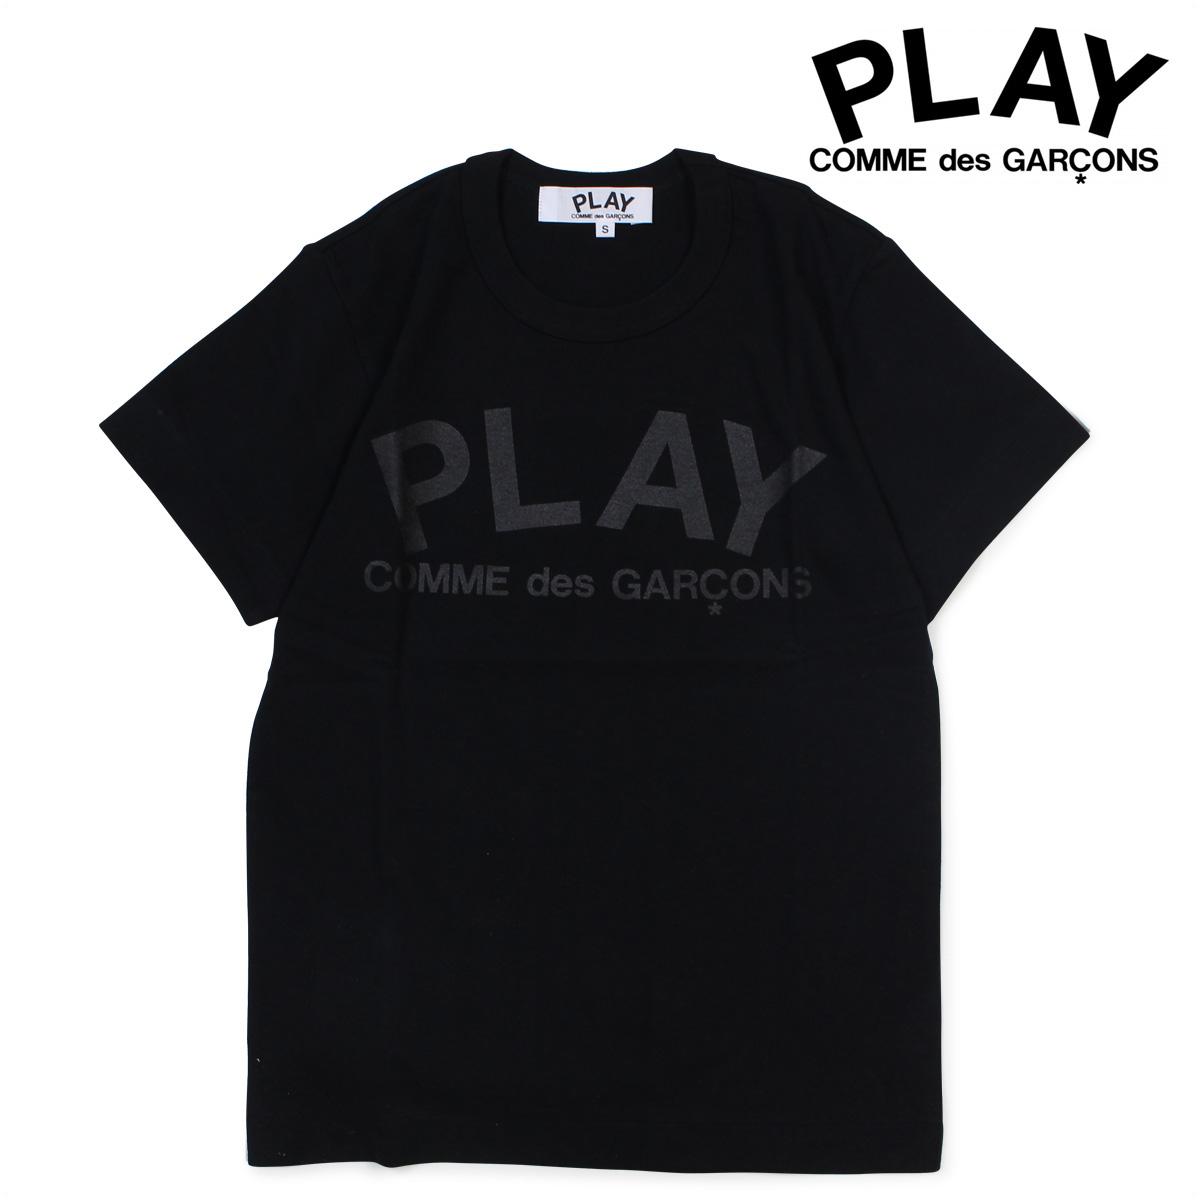 【最大2000円OFFクーポン】 コムデギャルソン COMME des GARCONS PLAY Tシャツ レディース 半袖 PLAY T-SHIRT ブラック AZ-T187